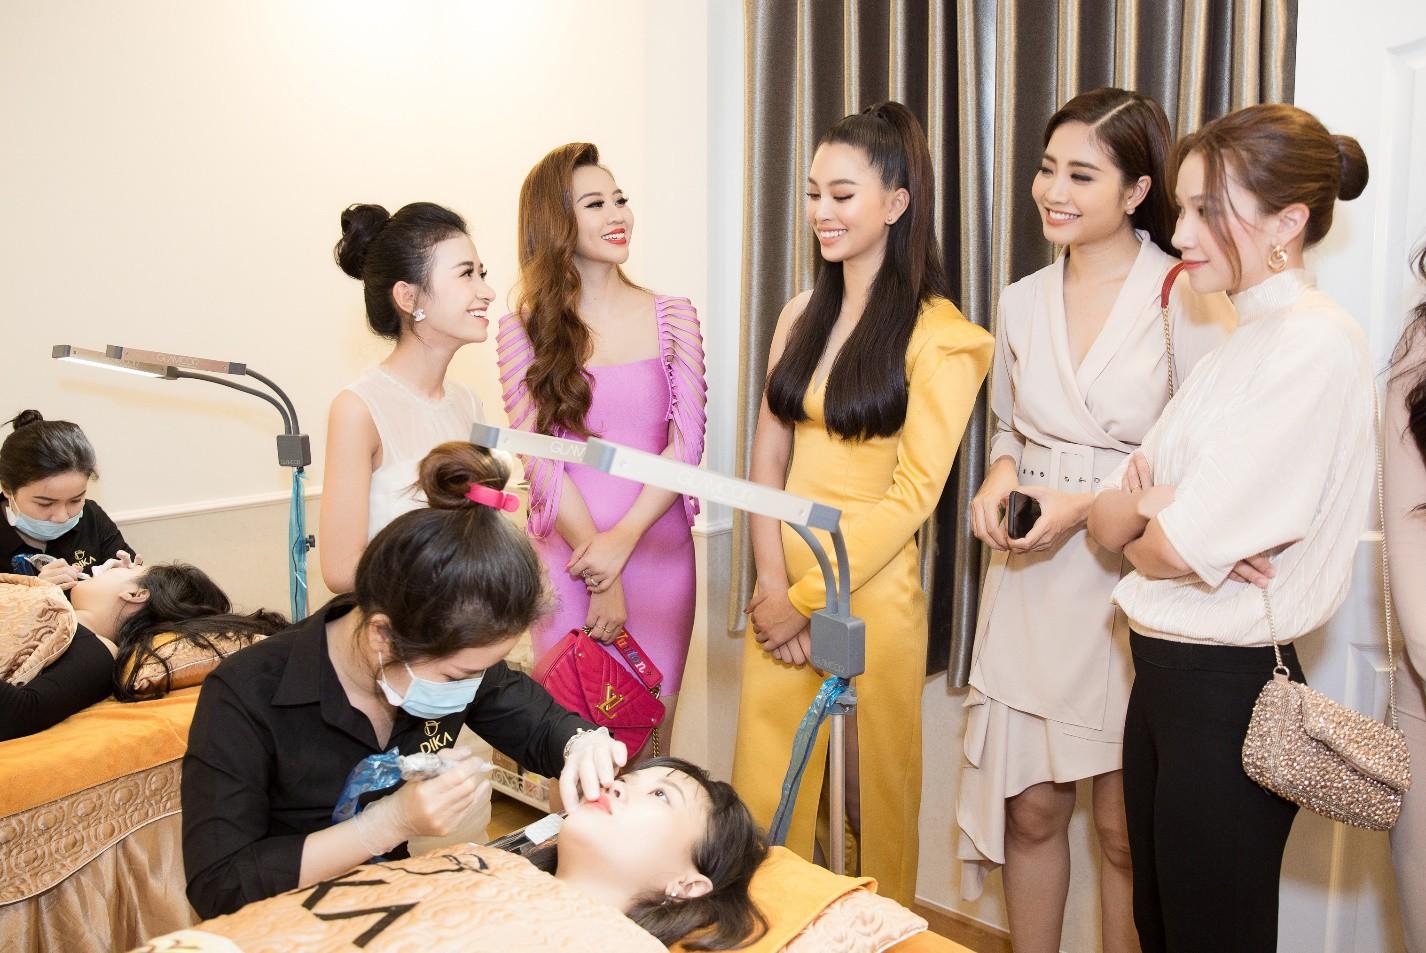 Hoa hậu Tiểu Vy ngời ngời khí chất dự khai trương viện phun xăm thẩm mỹ - Ảnh 7.